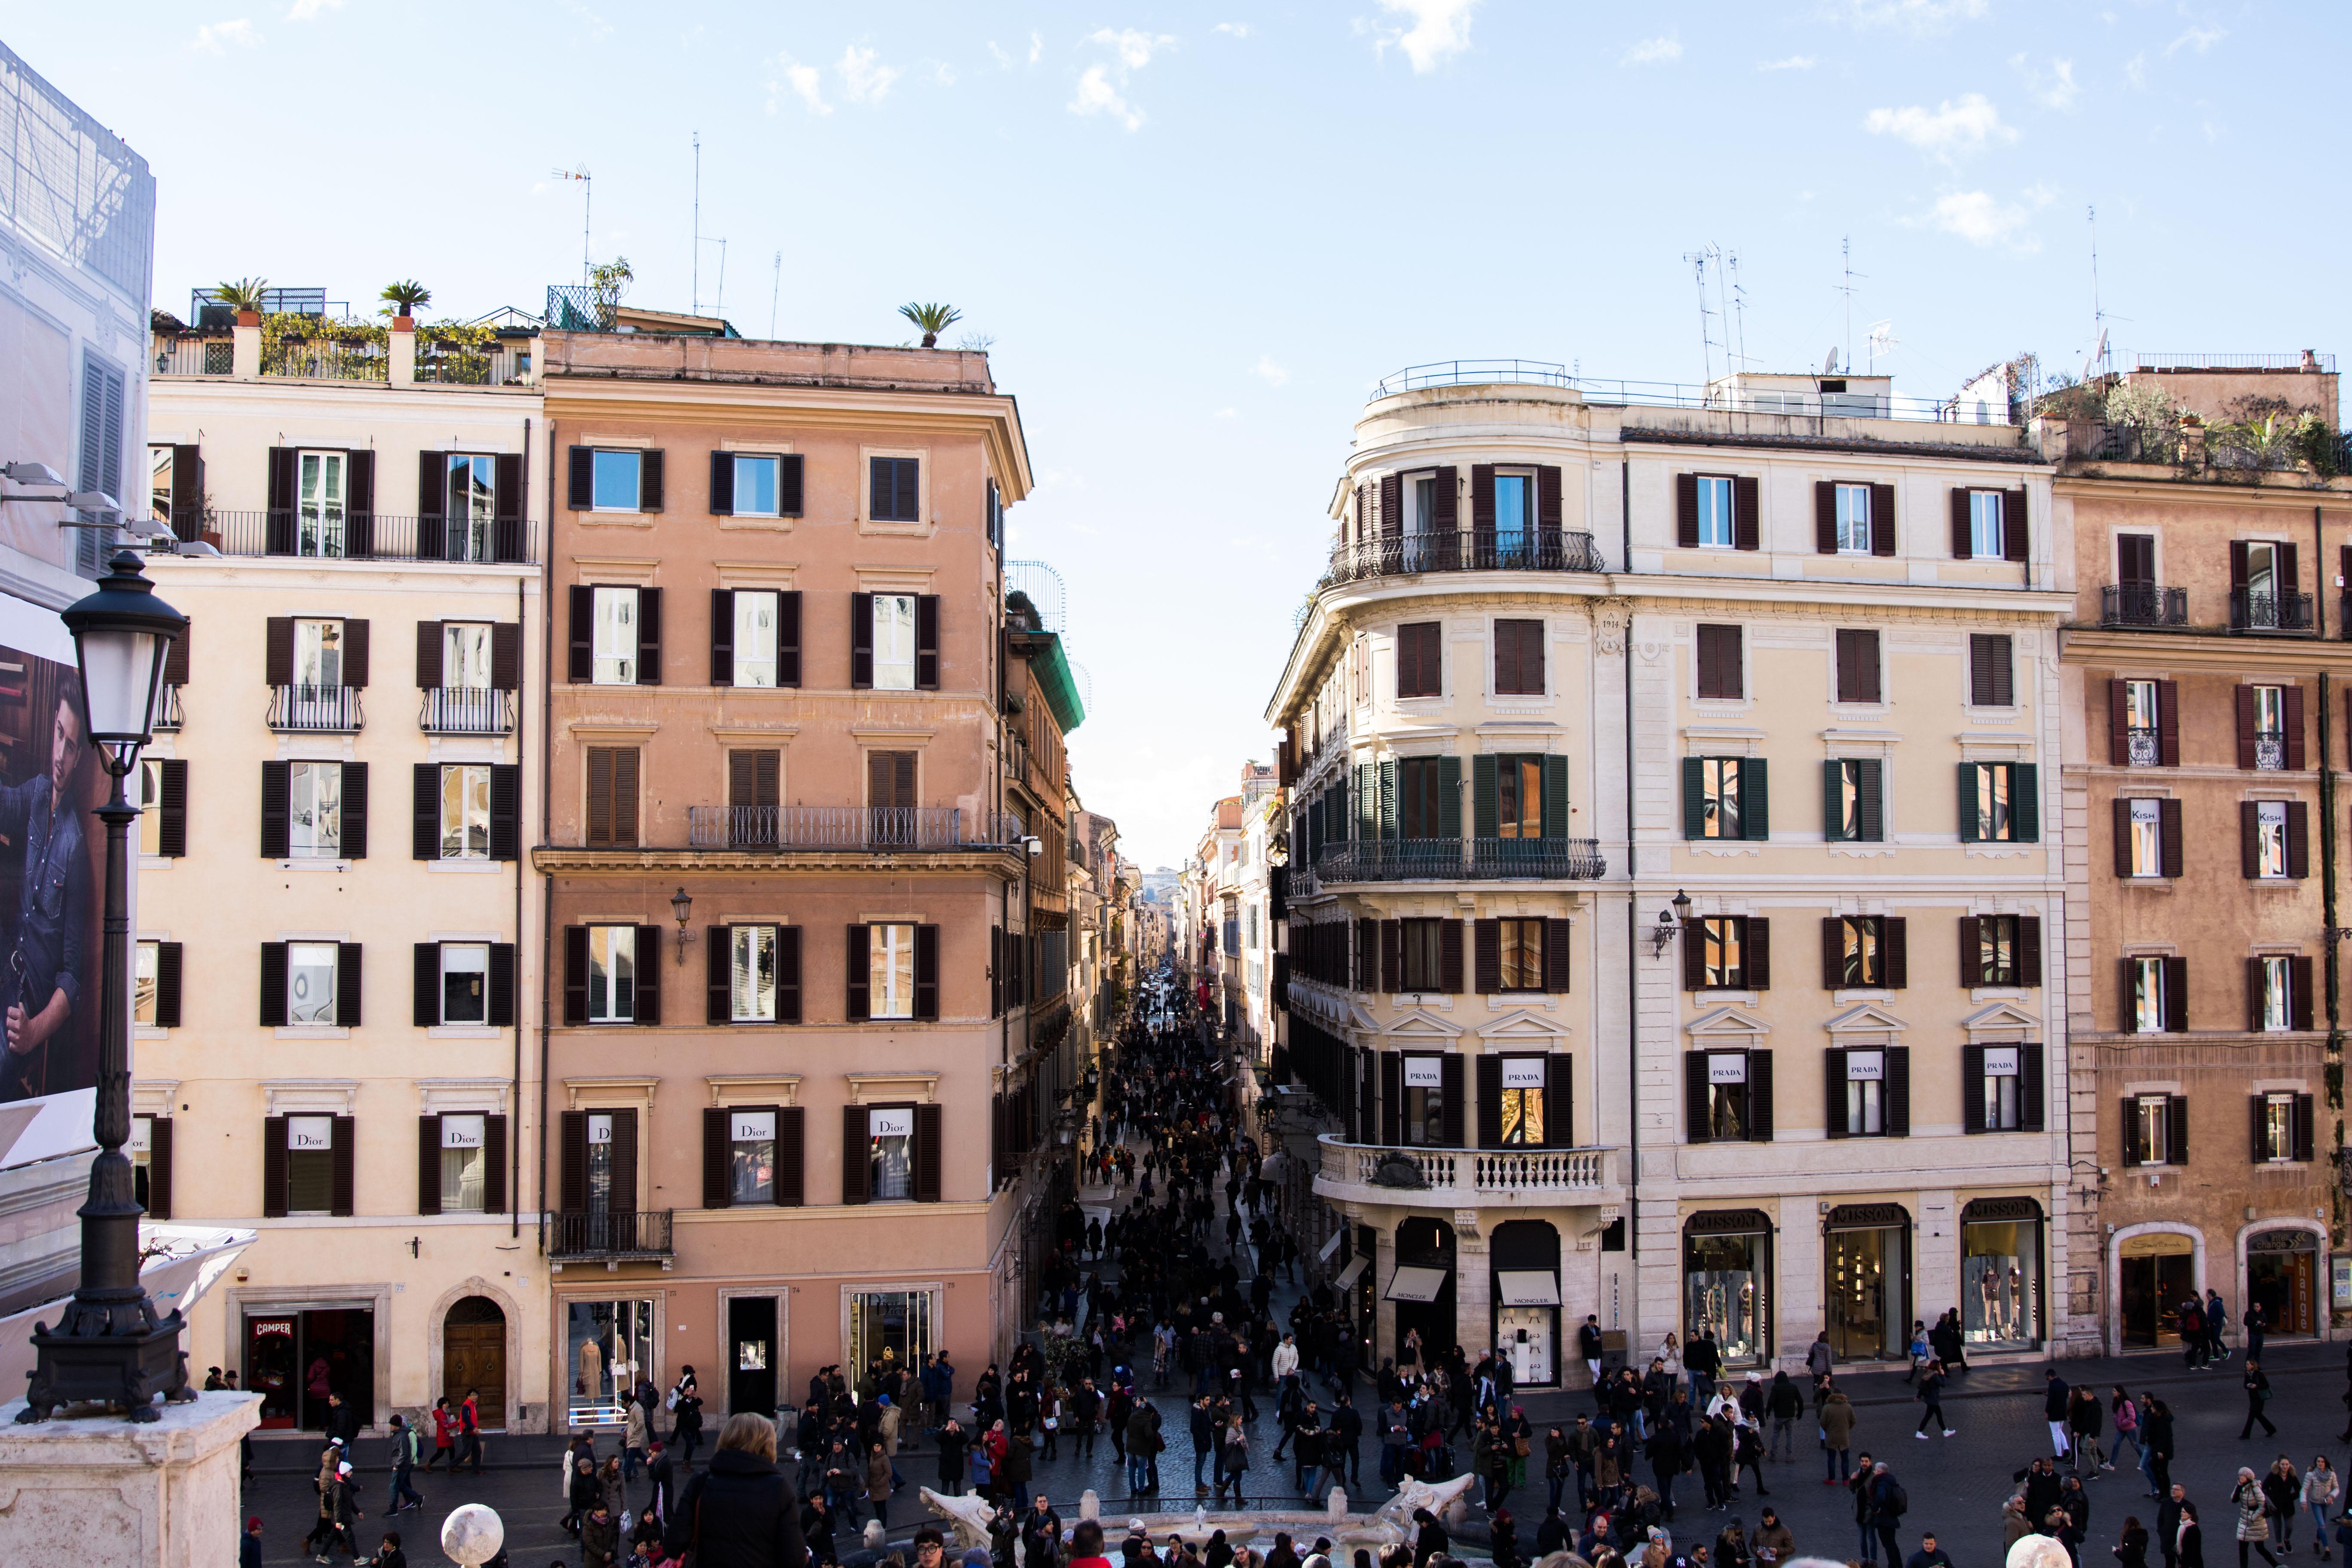 Piazza di Spagna Rome Italy, shops on Via dei Condotti Rome Italy